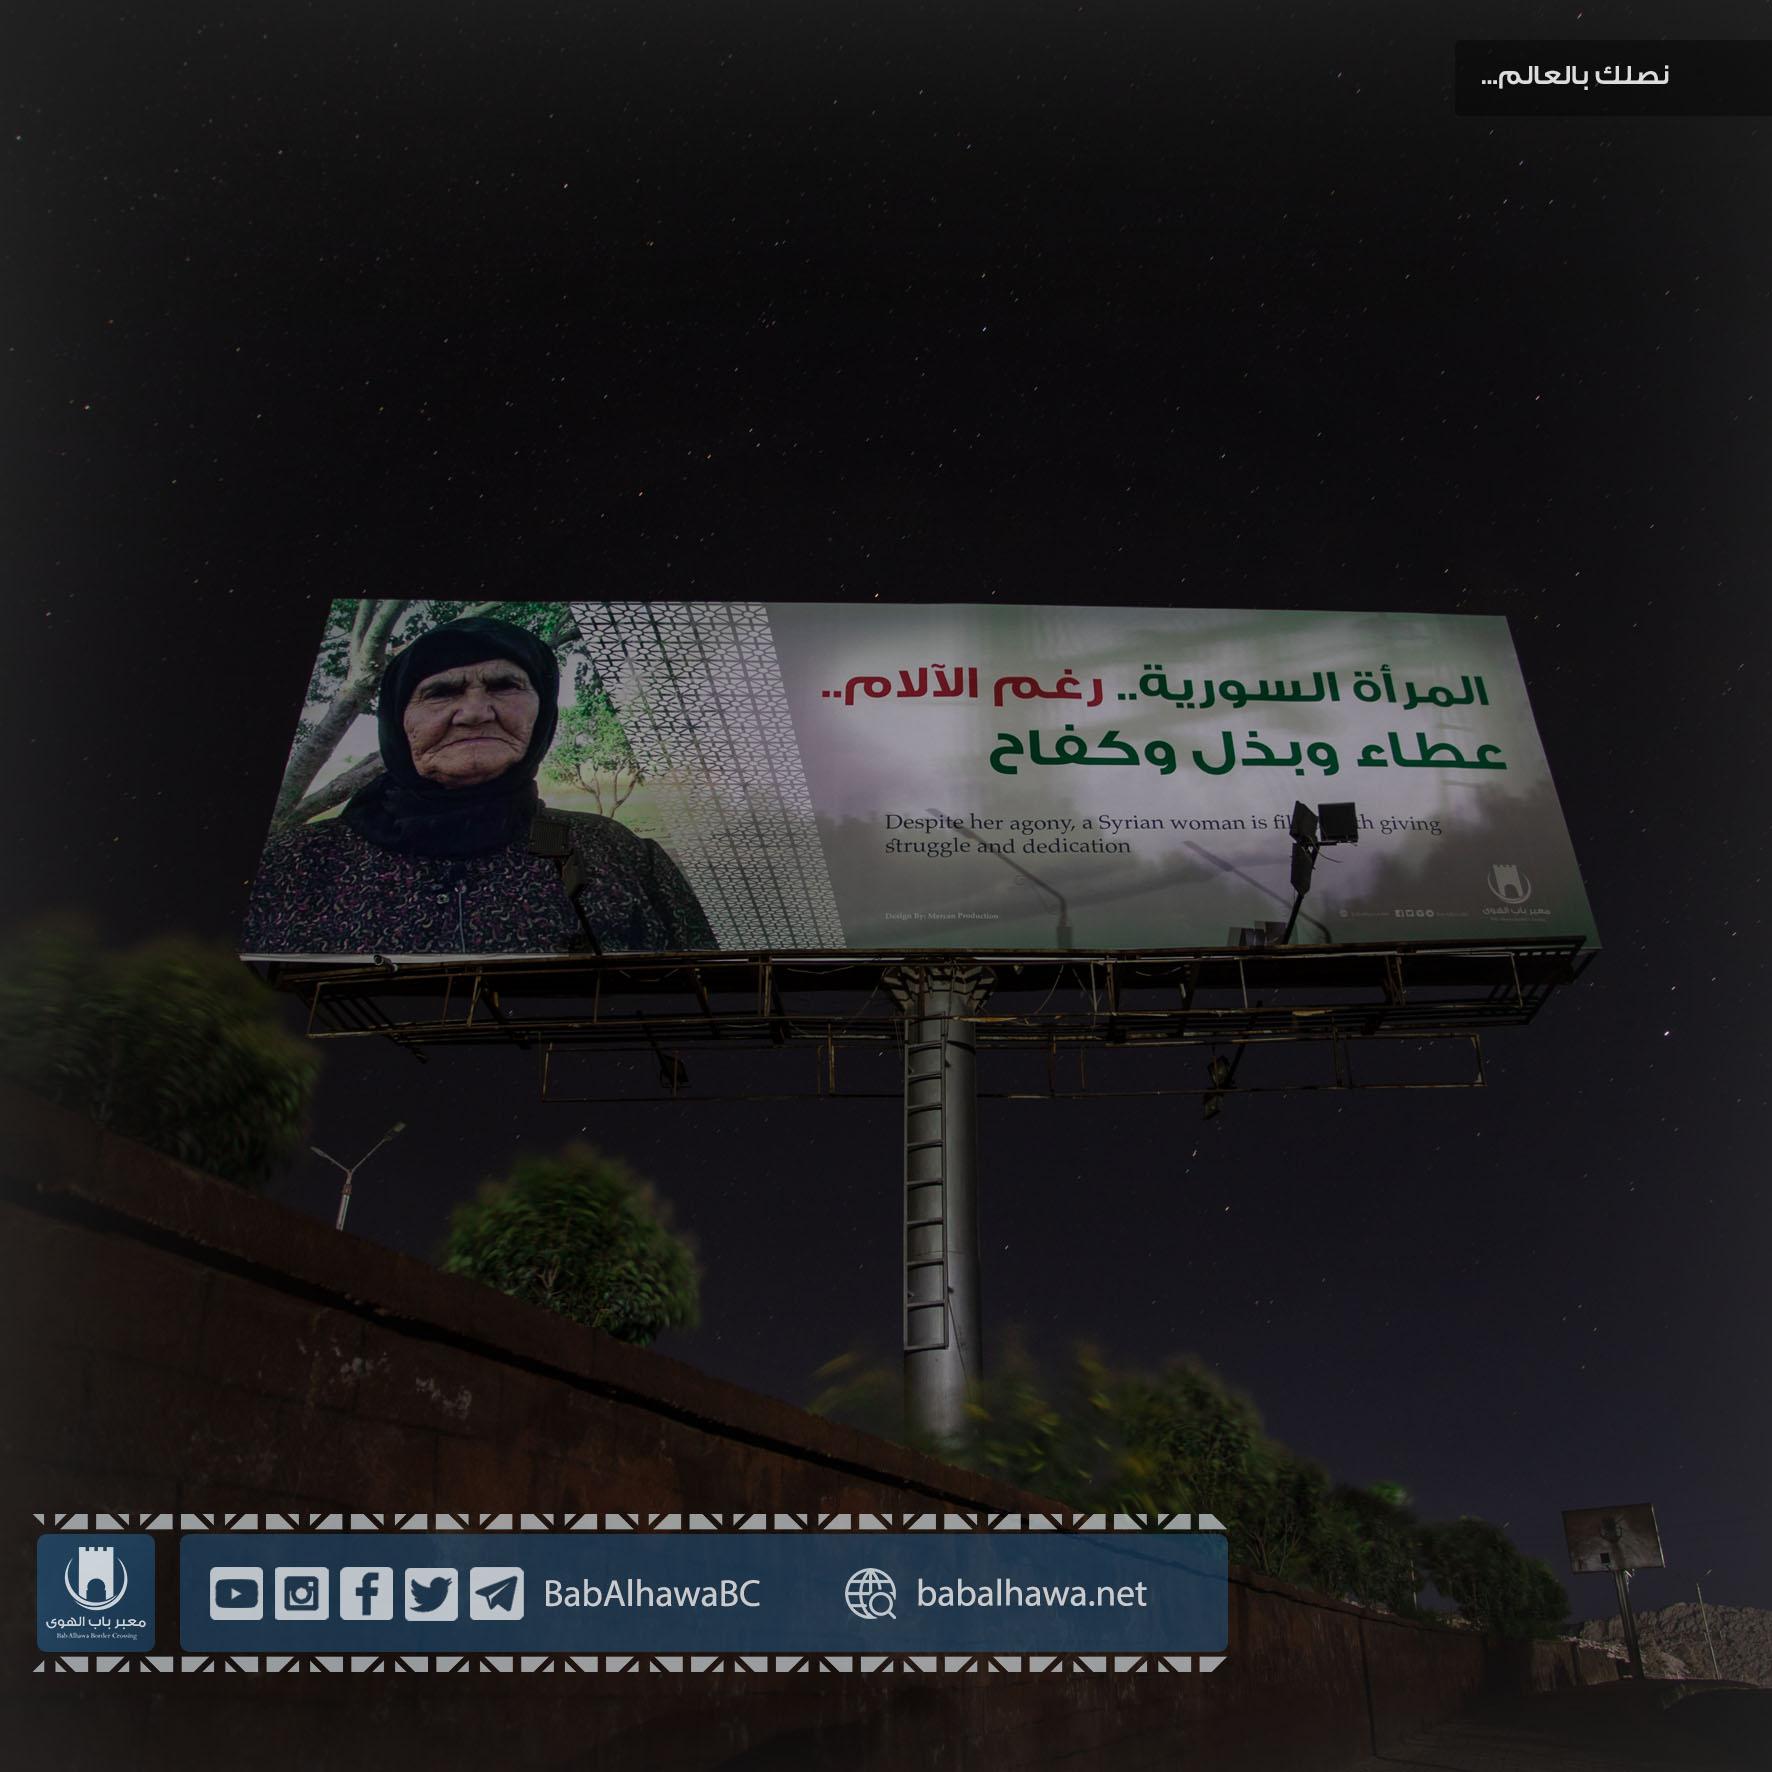 معبر باب الهوى الحدودي - سوريا